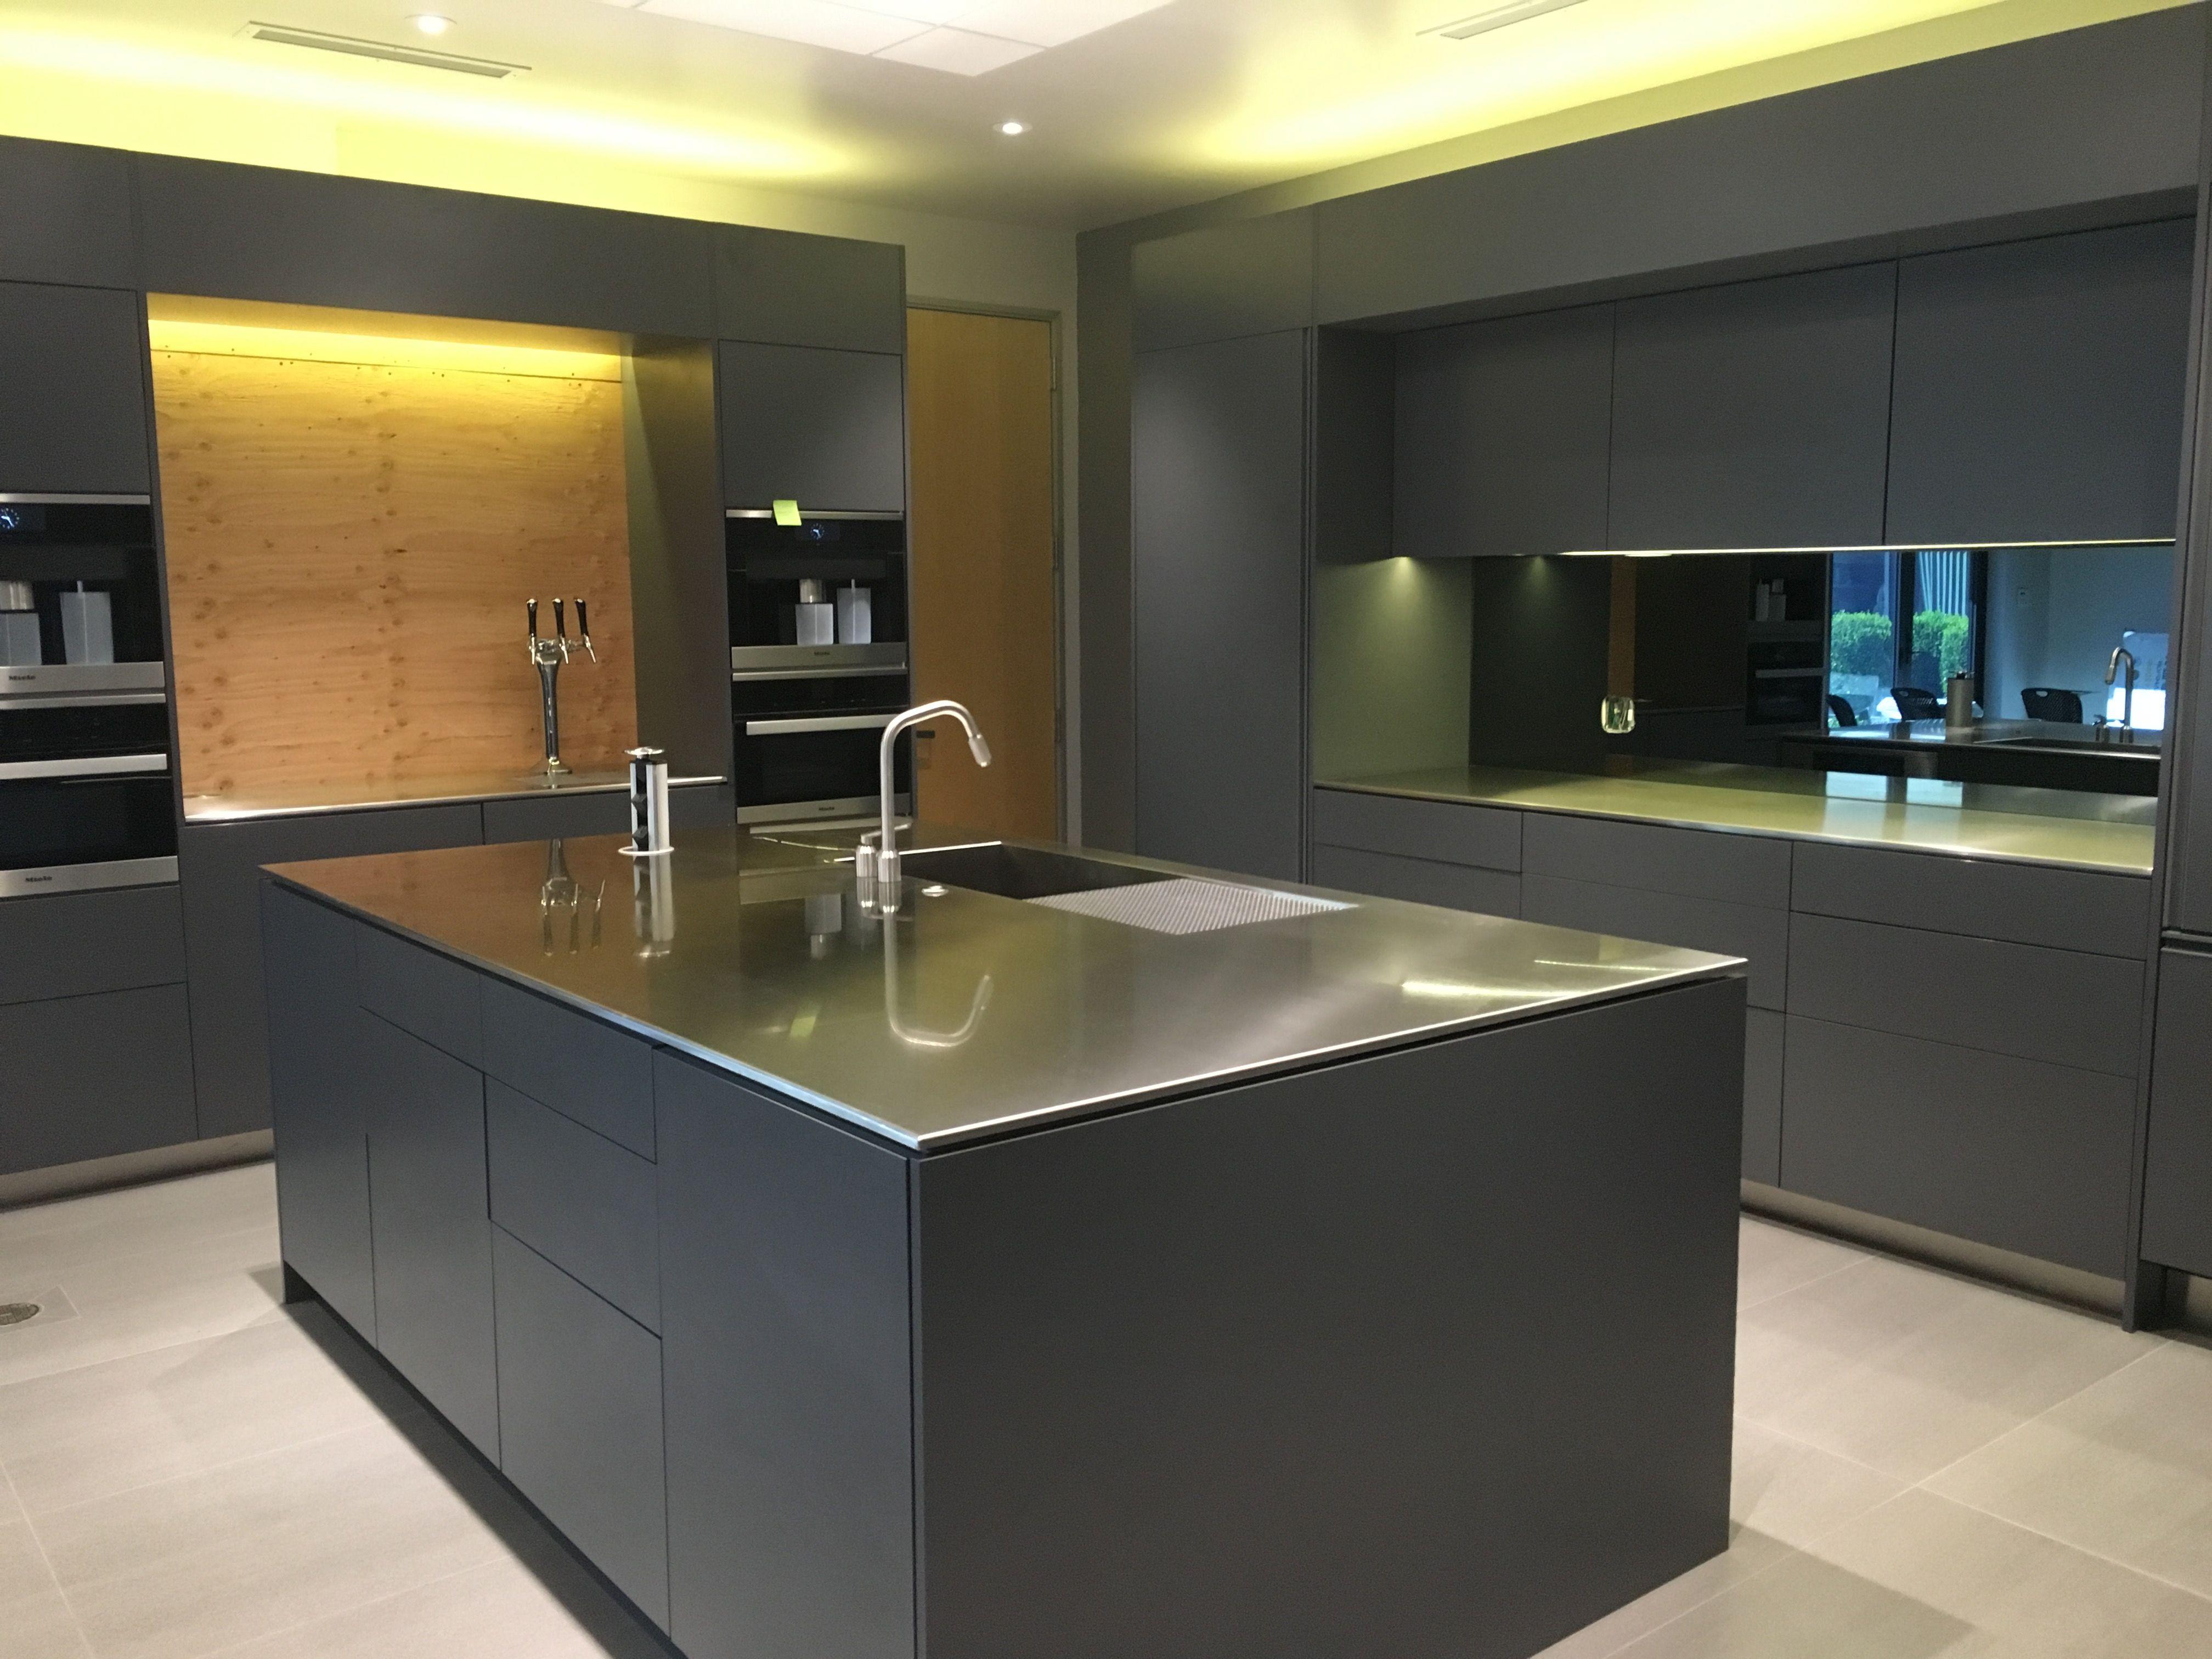 Office Kitchen Neo Metro Custom Stainless Steel Office Kitchen Island Is 96 X